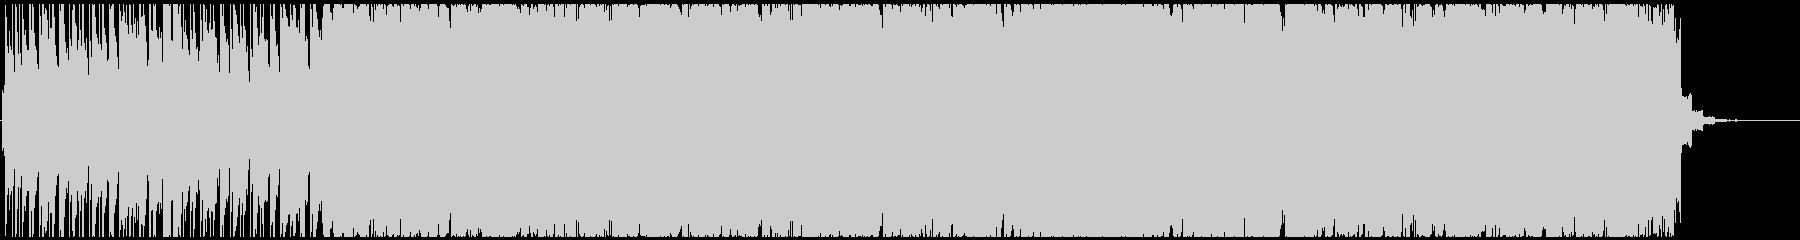 ロックンロール風スウィングロックインストの未再生の波形